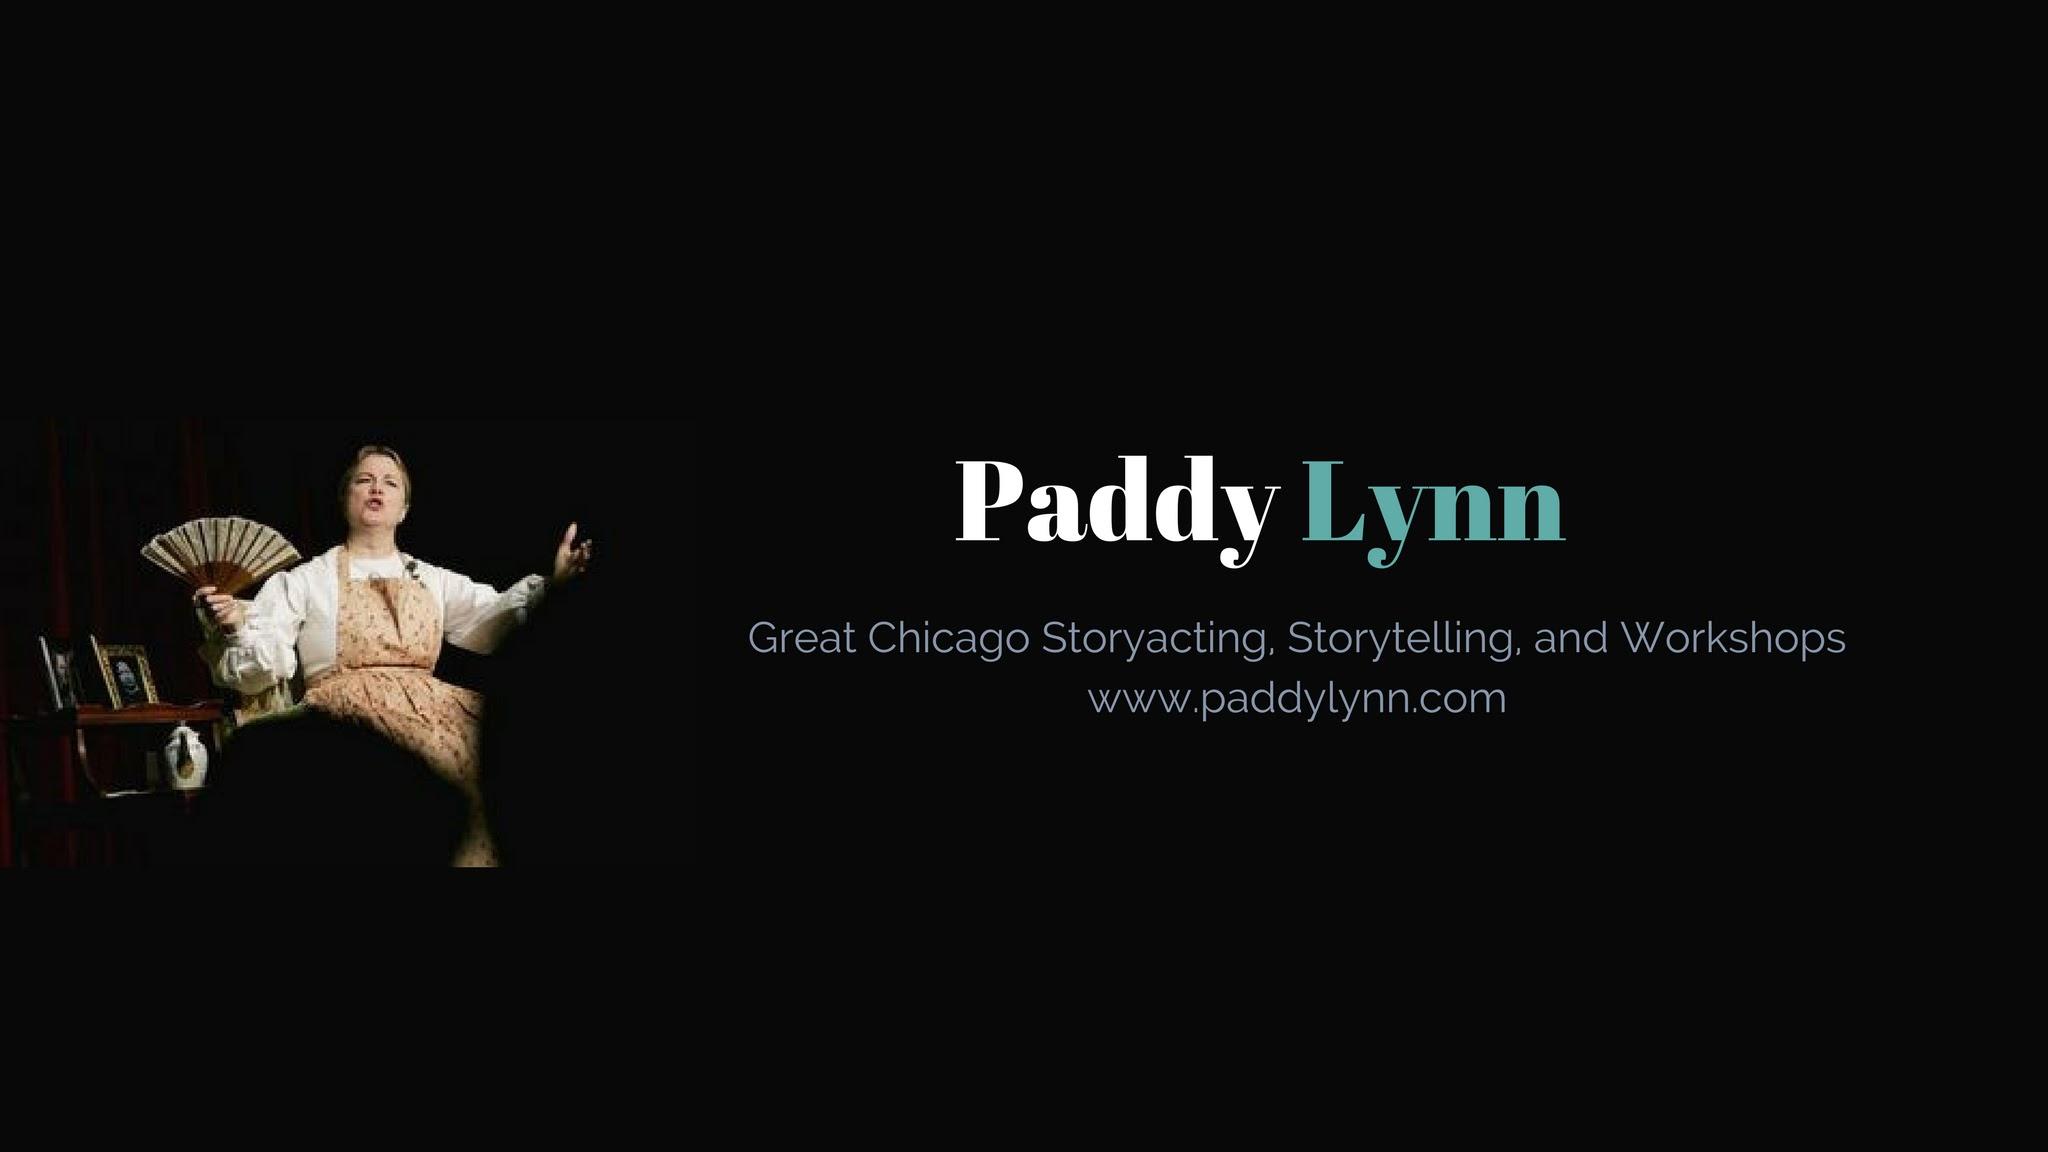 Paddy Lynn